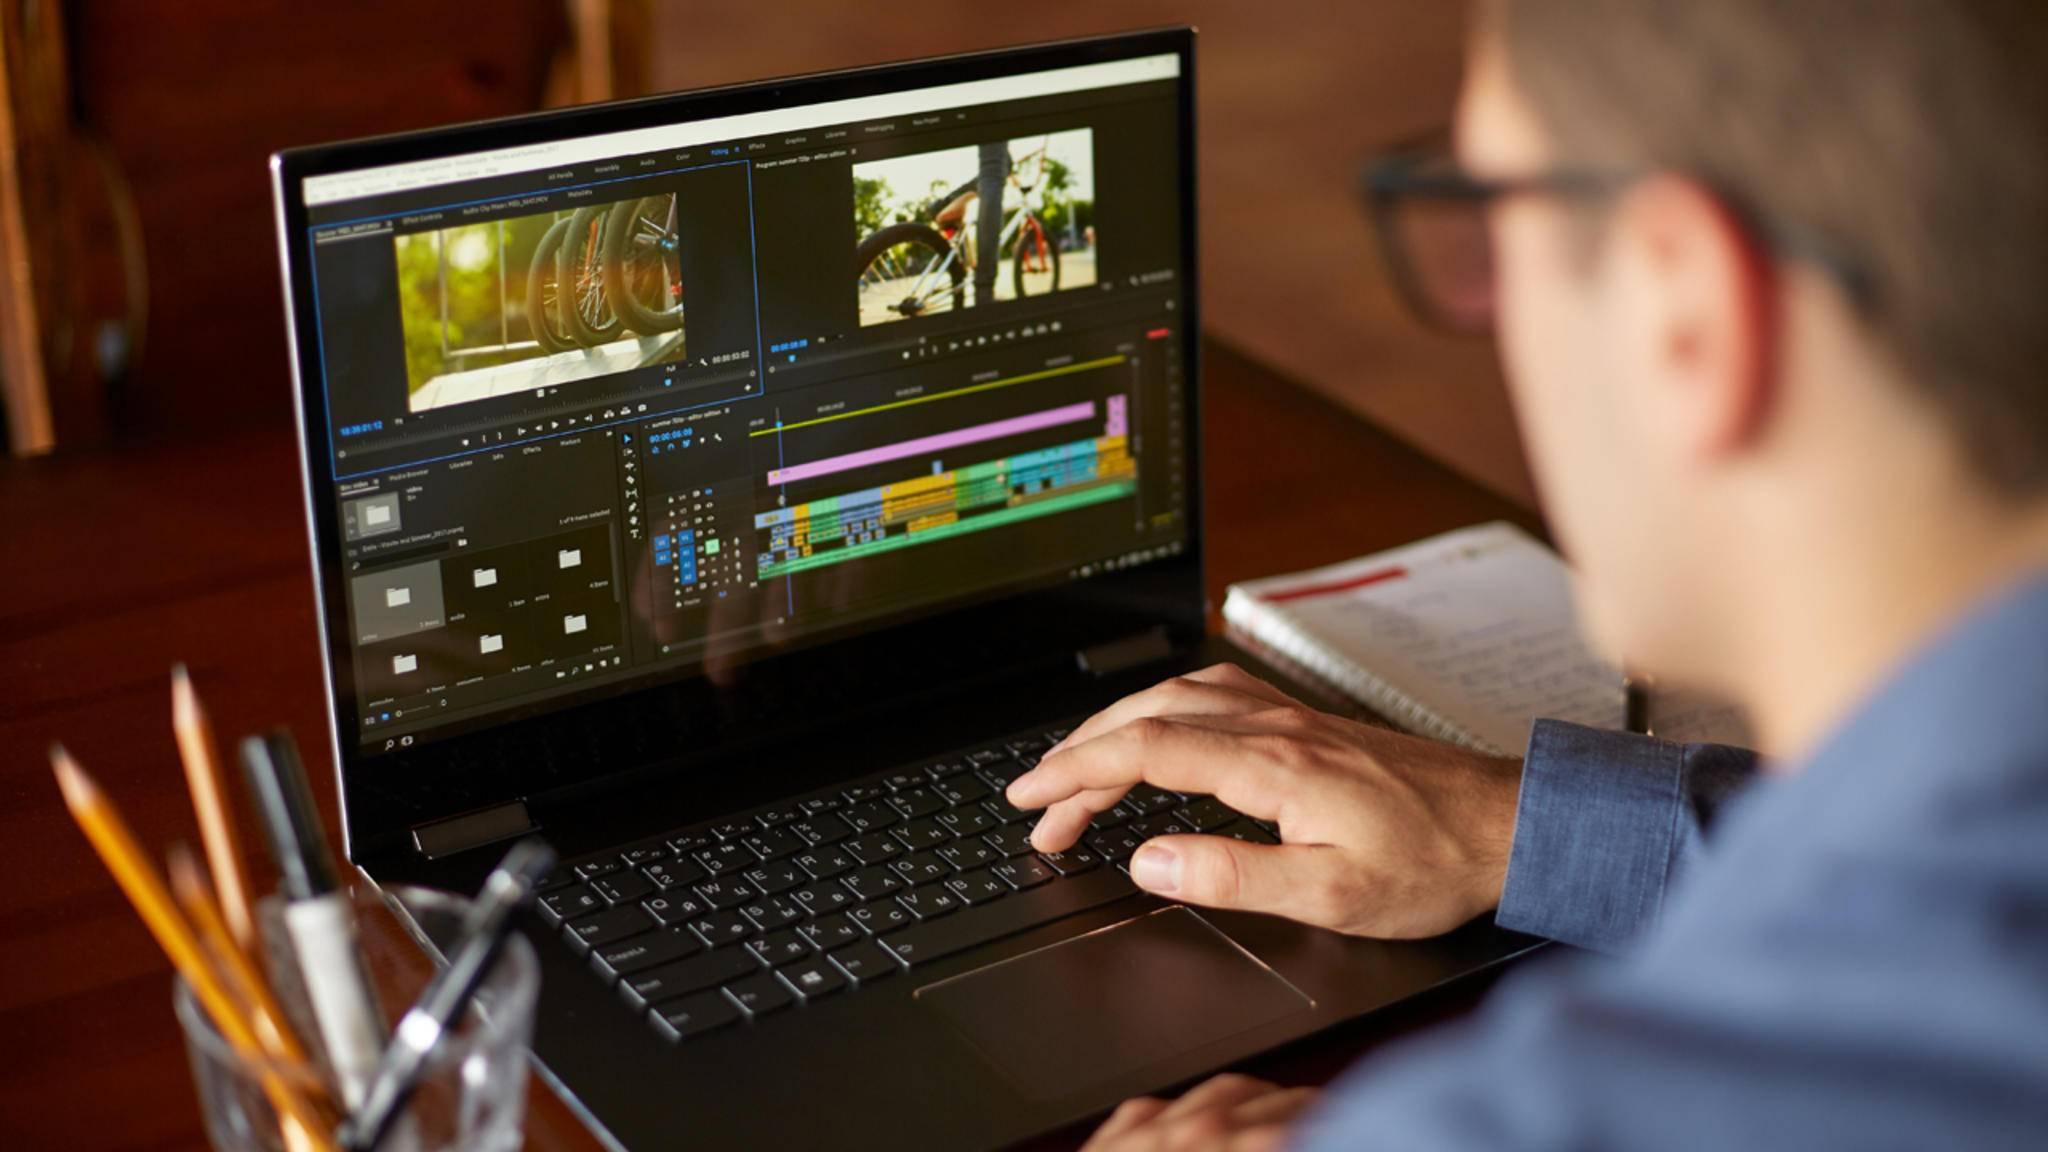 Wer einen mobilen Rechner zur Videobearbeitung sucht, findet hier 5 passende Laptops.